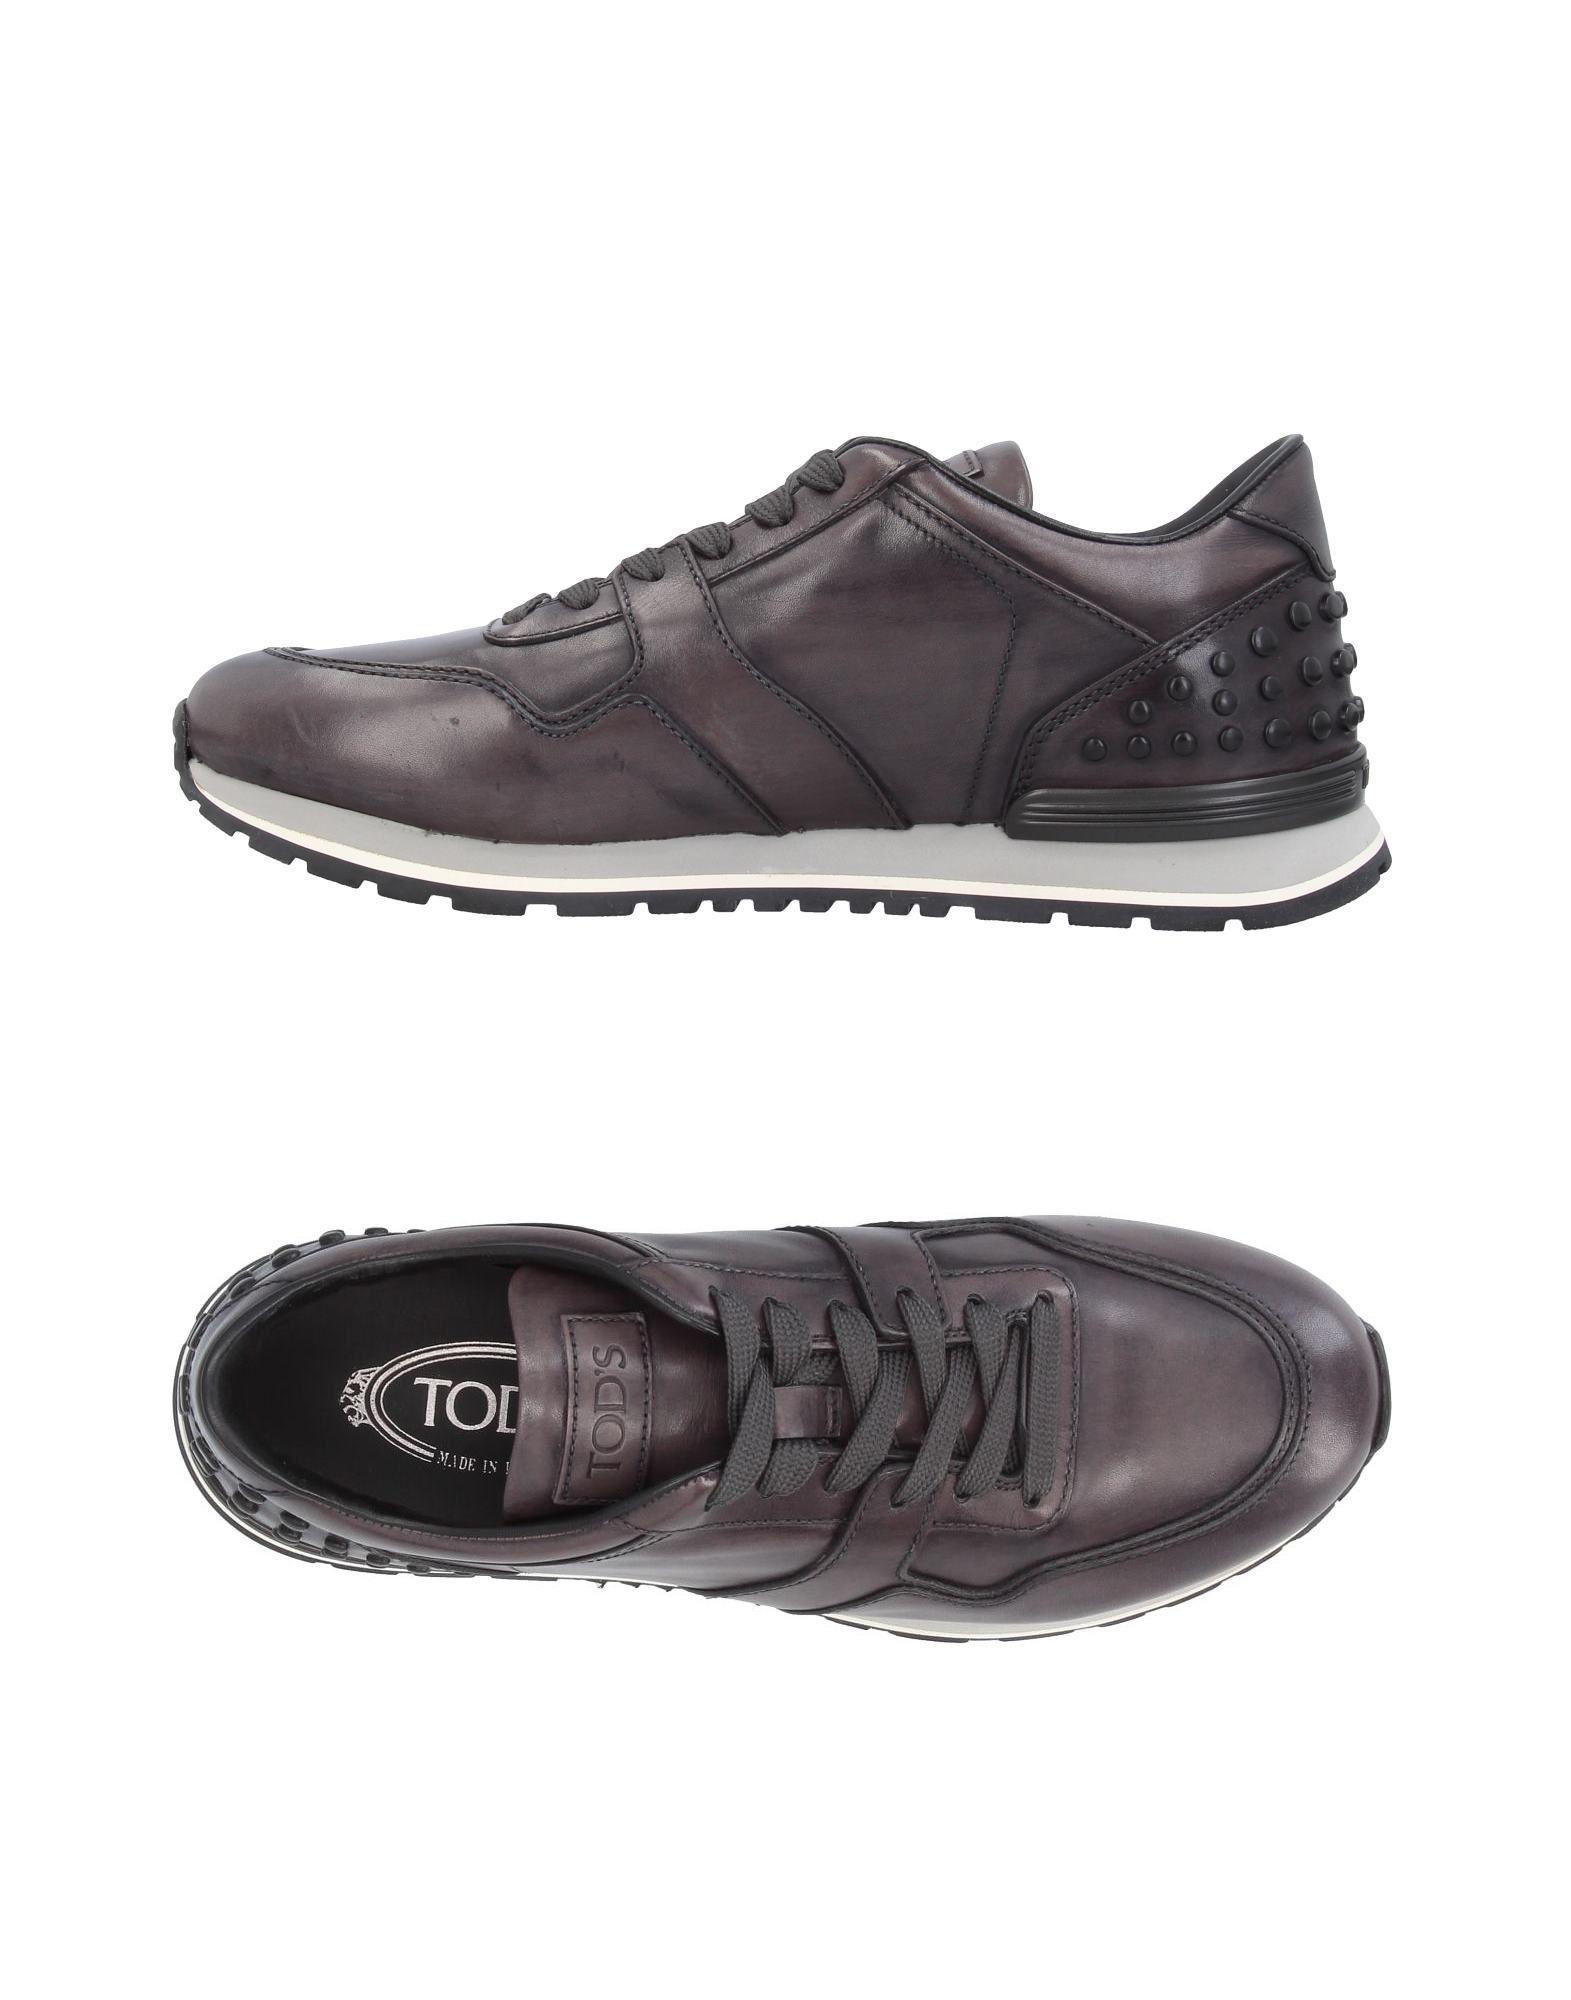 Tod's Sneakers In Steel Grey